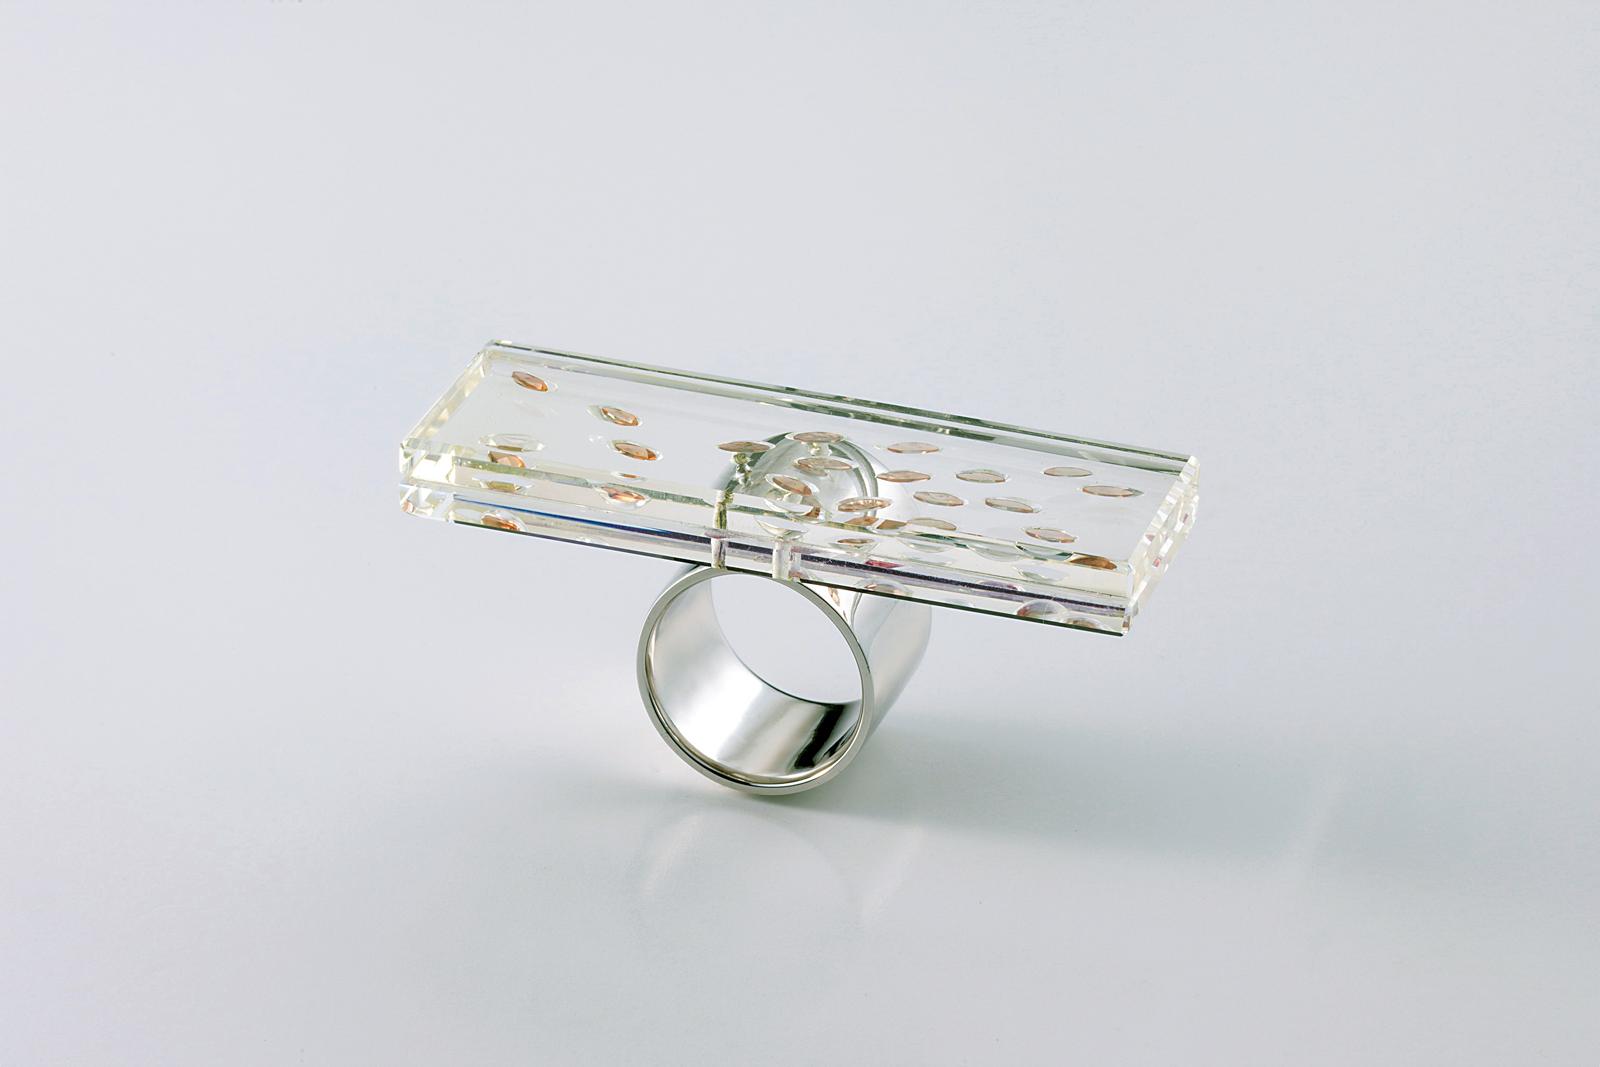 Joias  |  Jewelry